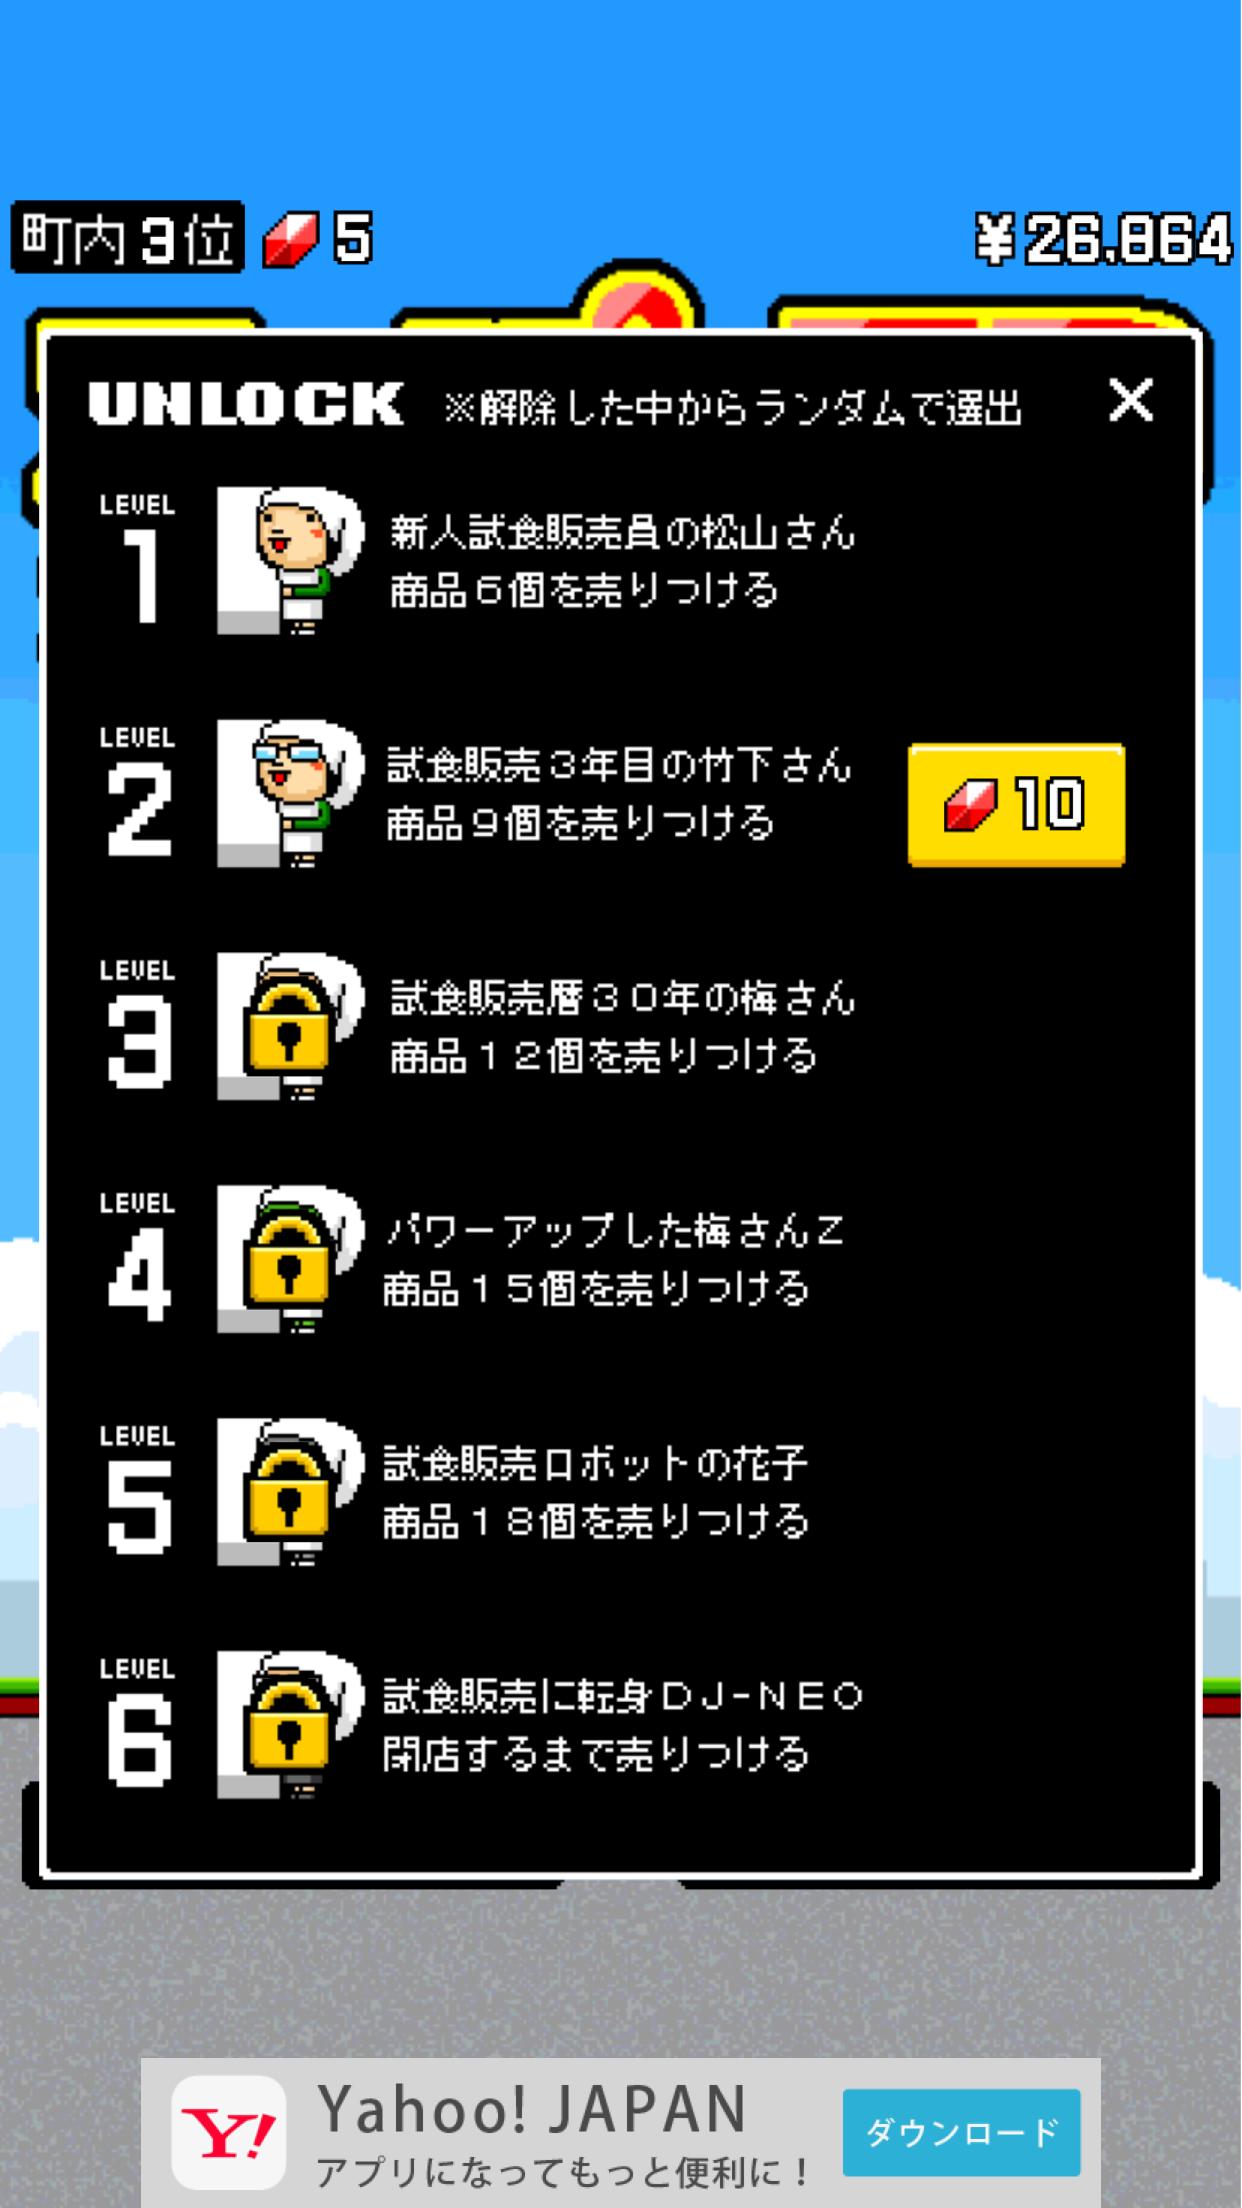 androidアプリ スーパーTD 万引きGメンは見ていた!攻略スクリーンショット4